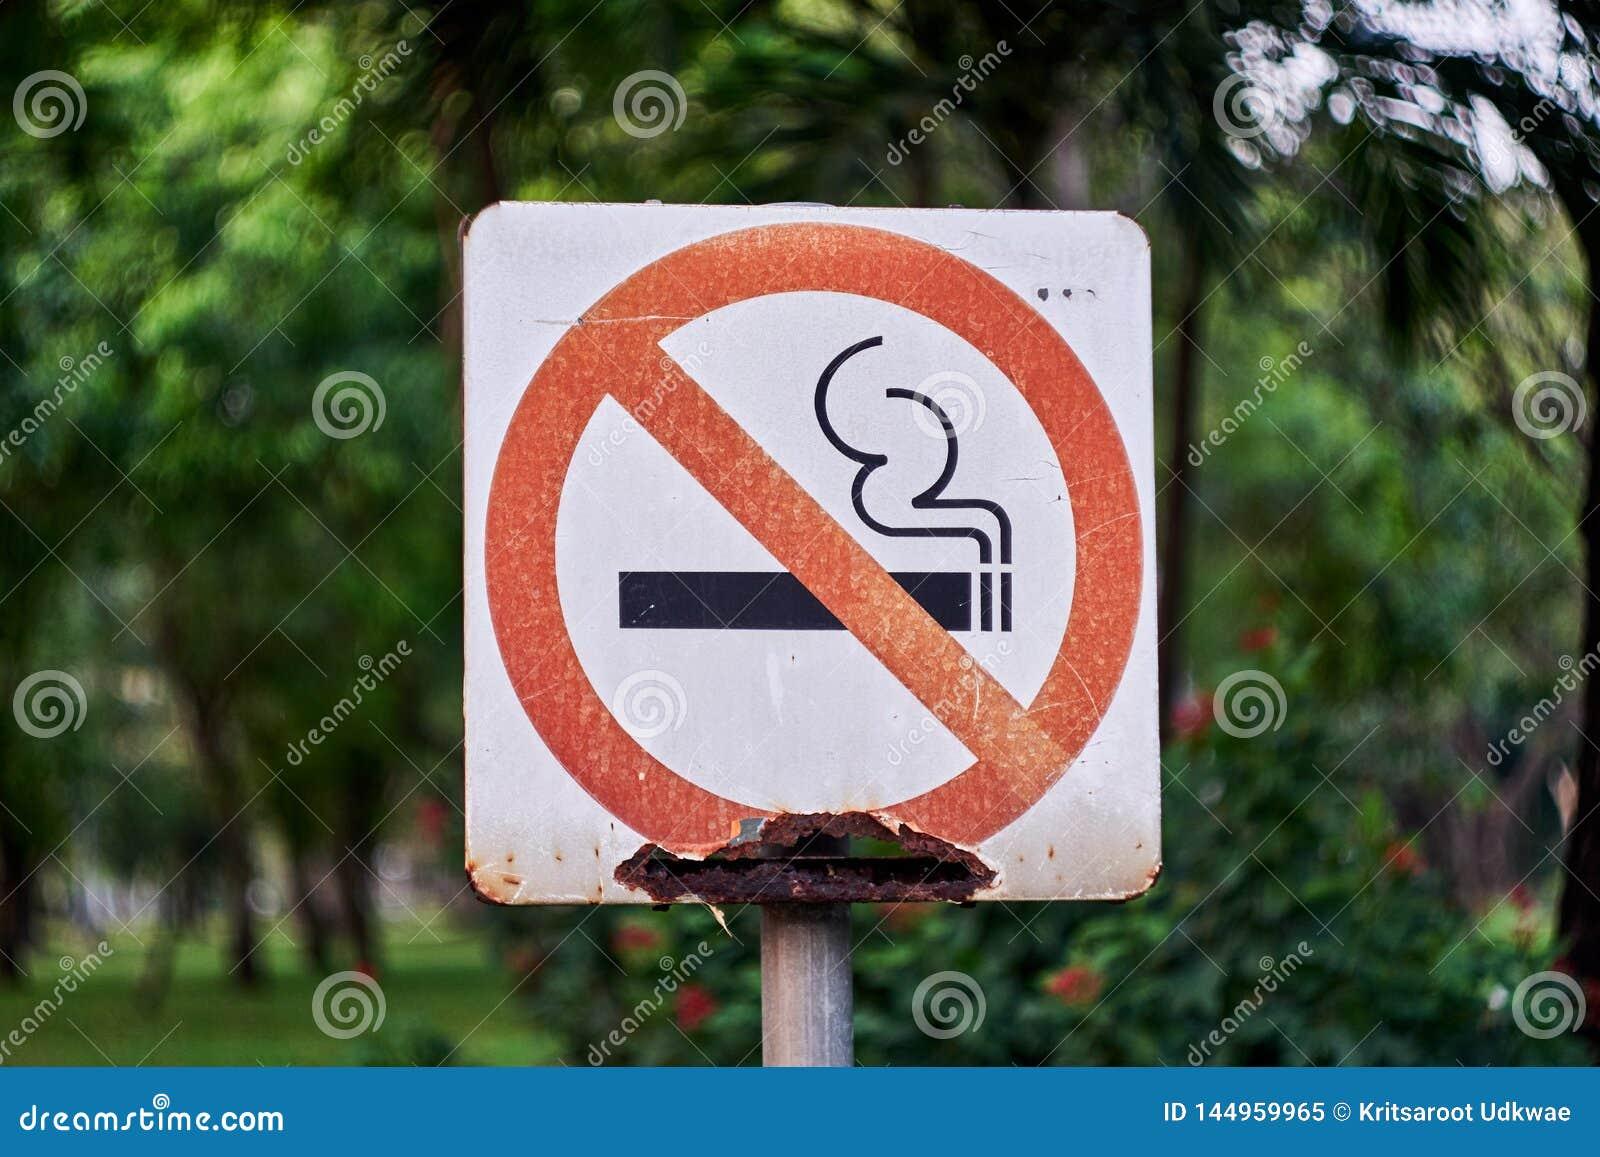 Einde rokend teken met roest bij openbaar park